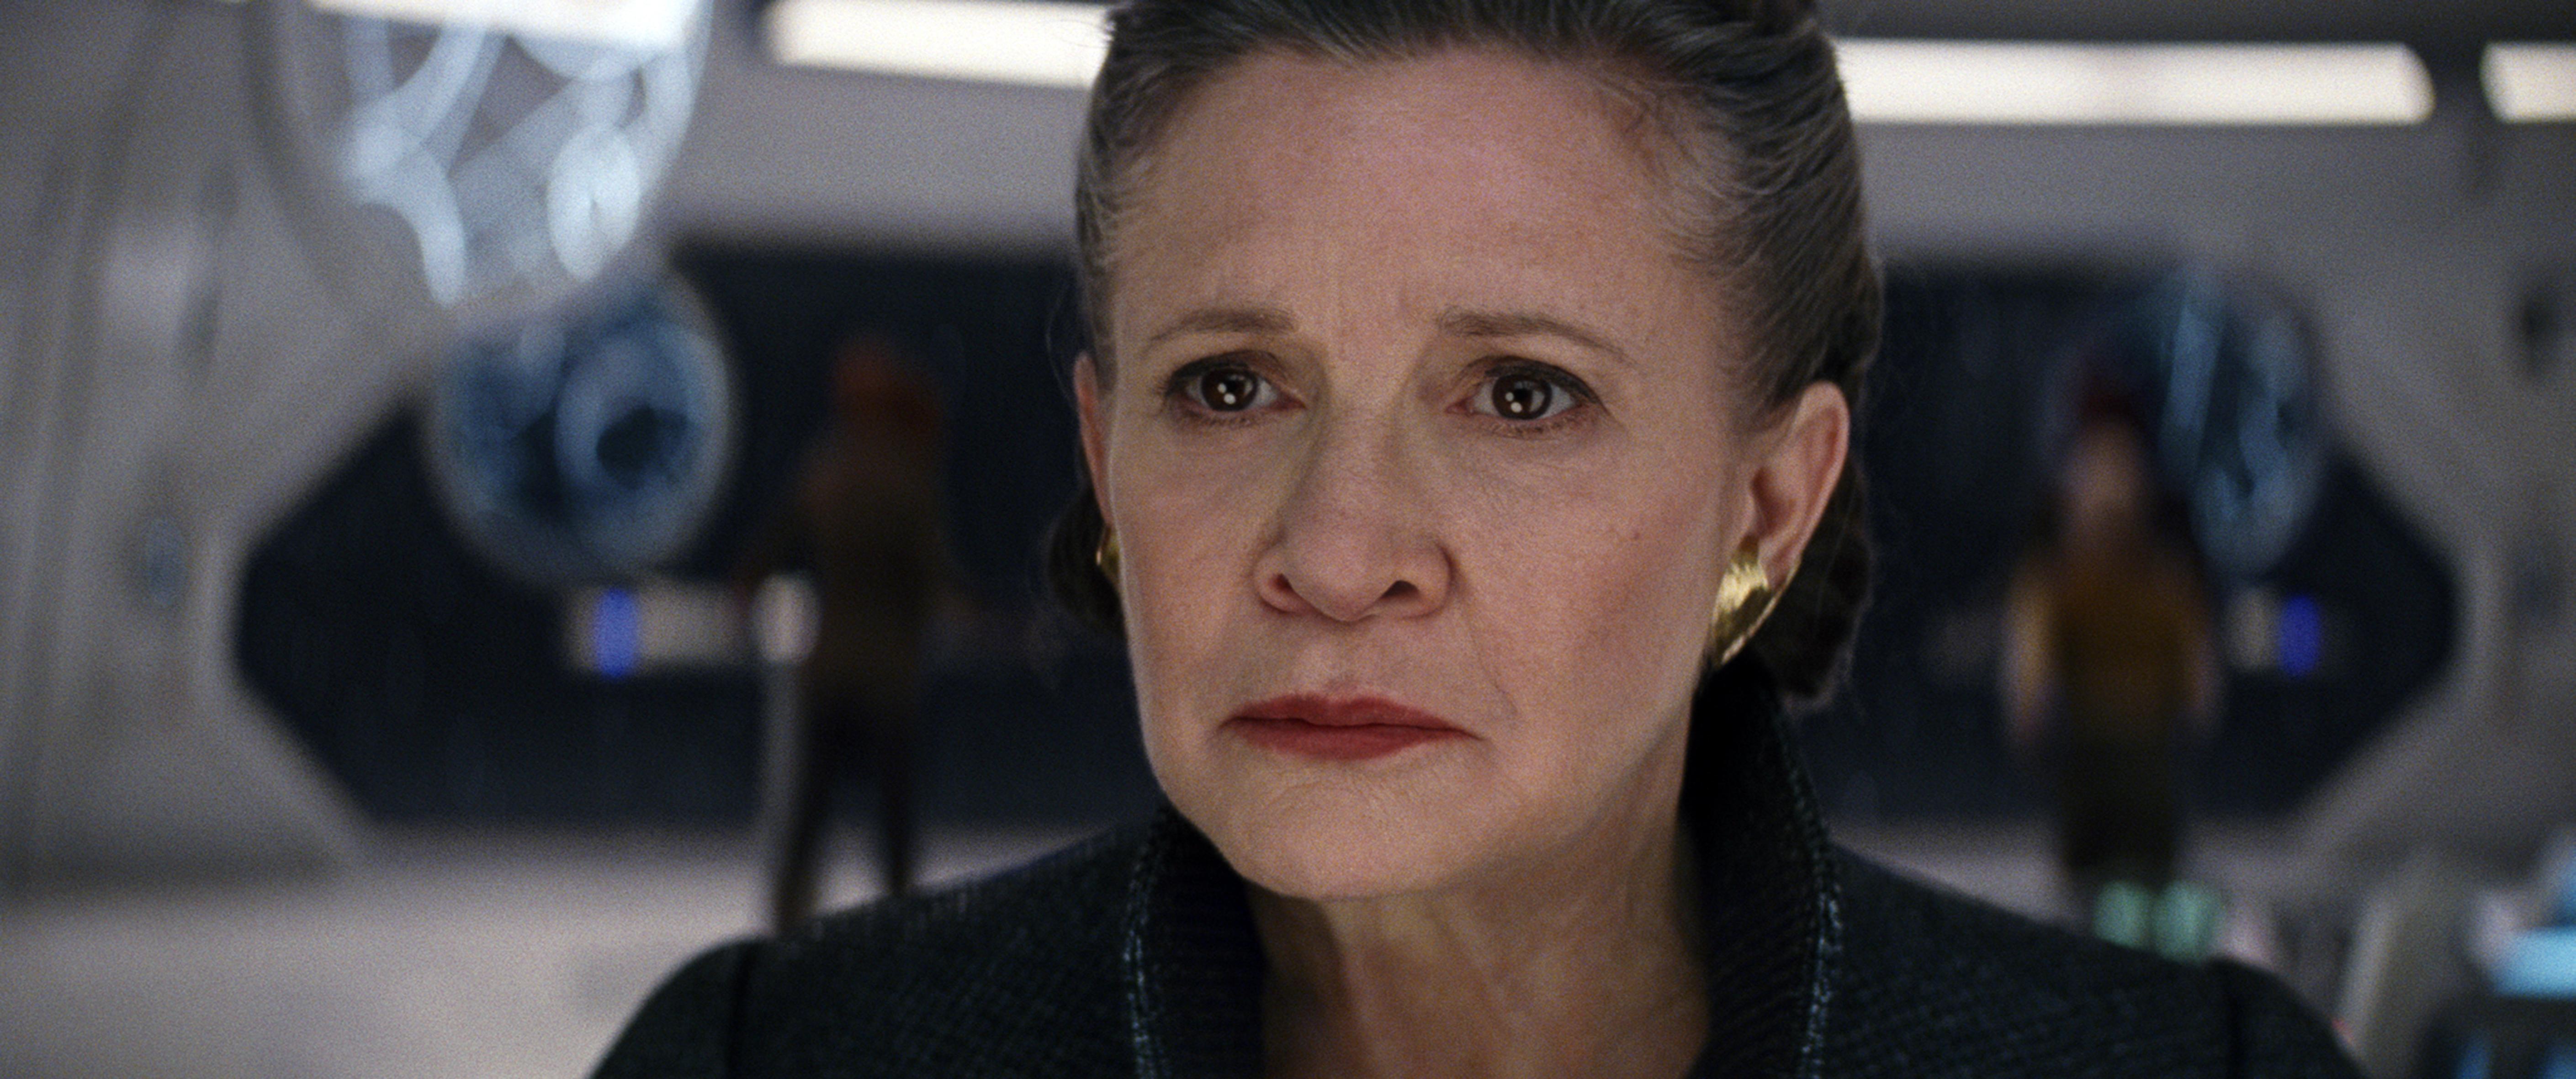 Szerdán kezdik forgatni a Star Wars IX-et, Leia hercegnő is szerepelni fog benne